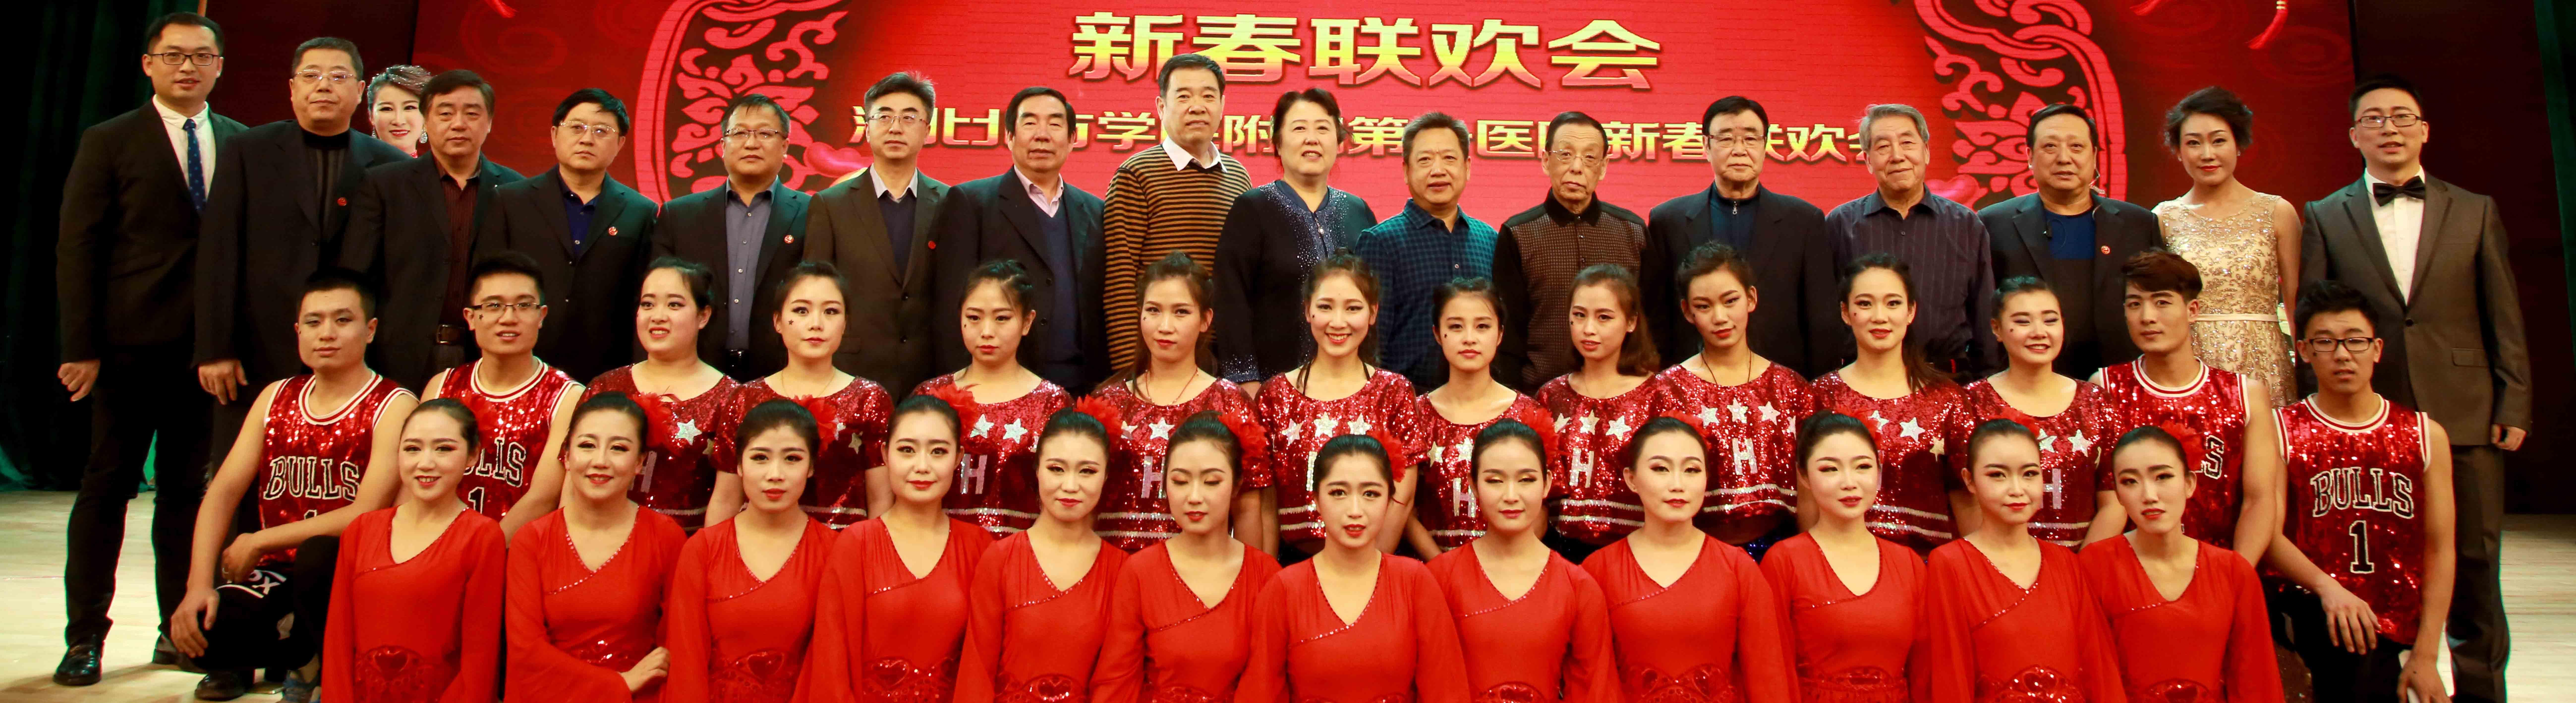 我院隆重召开2016年度表彰大会暨2017年迎新春联欢会